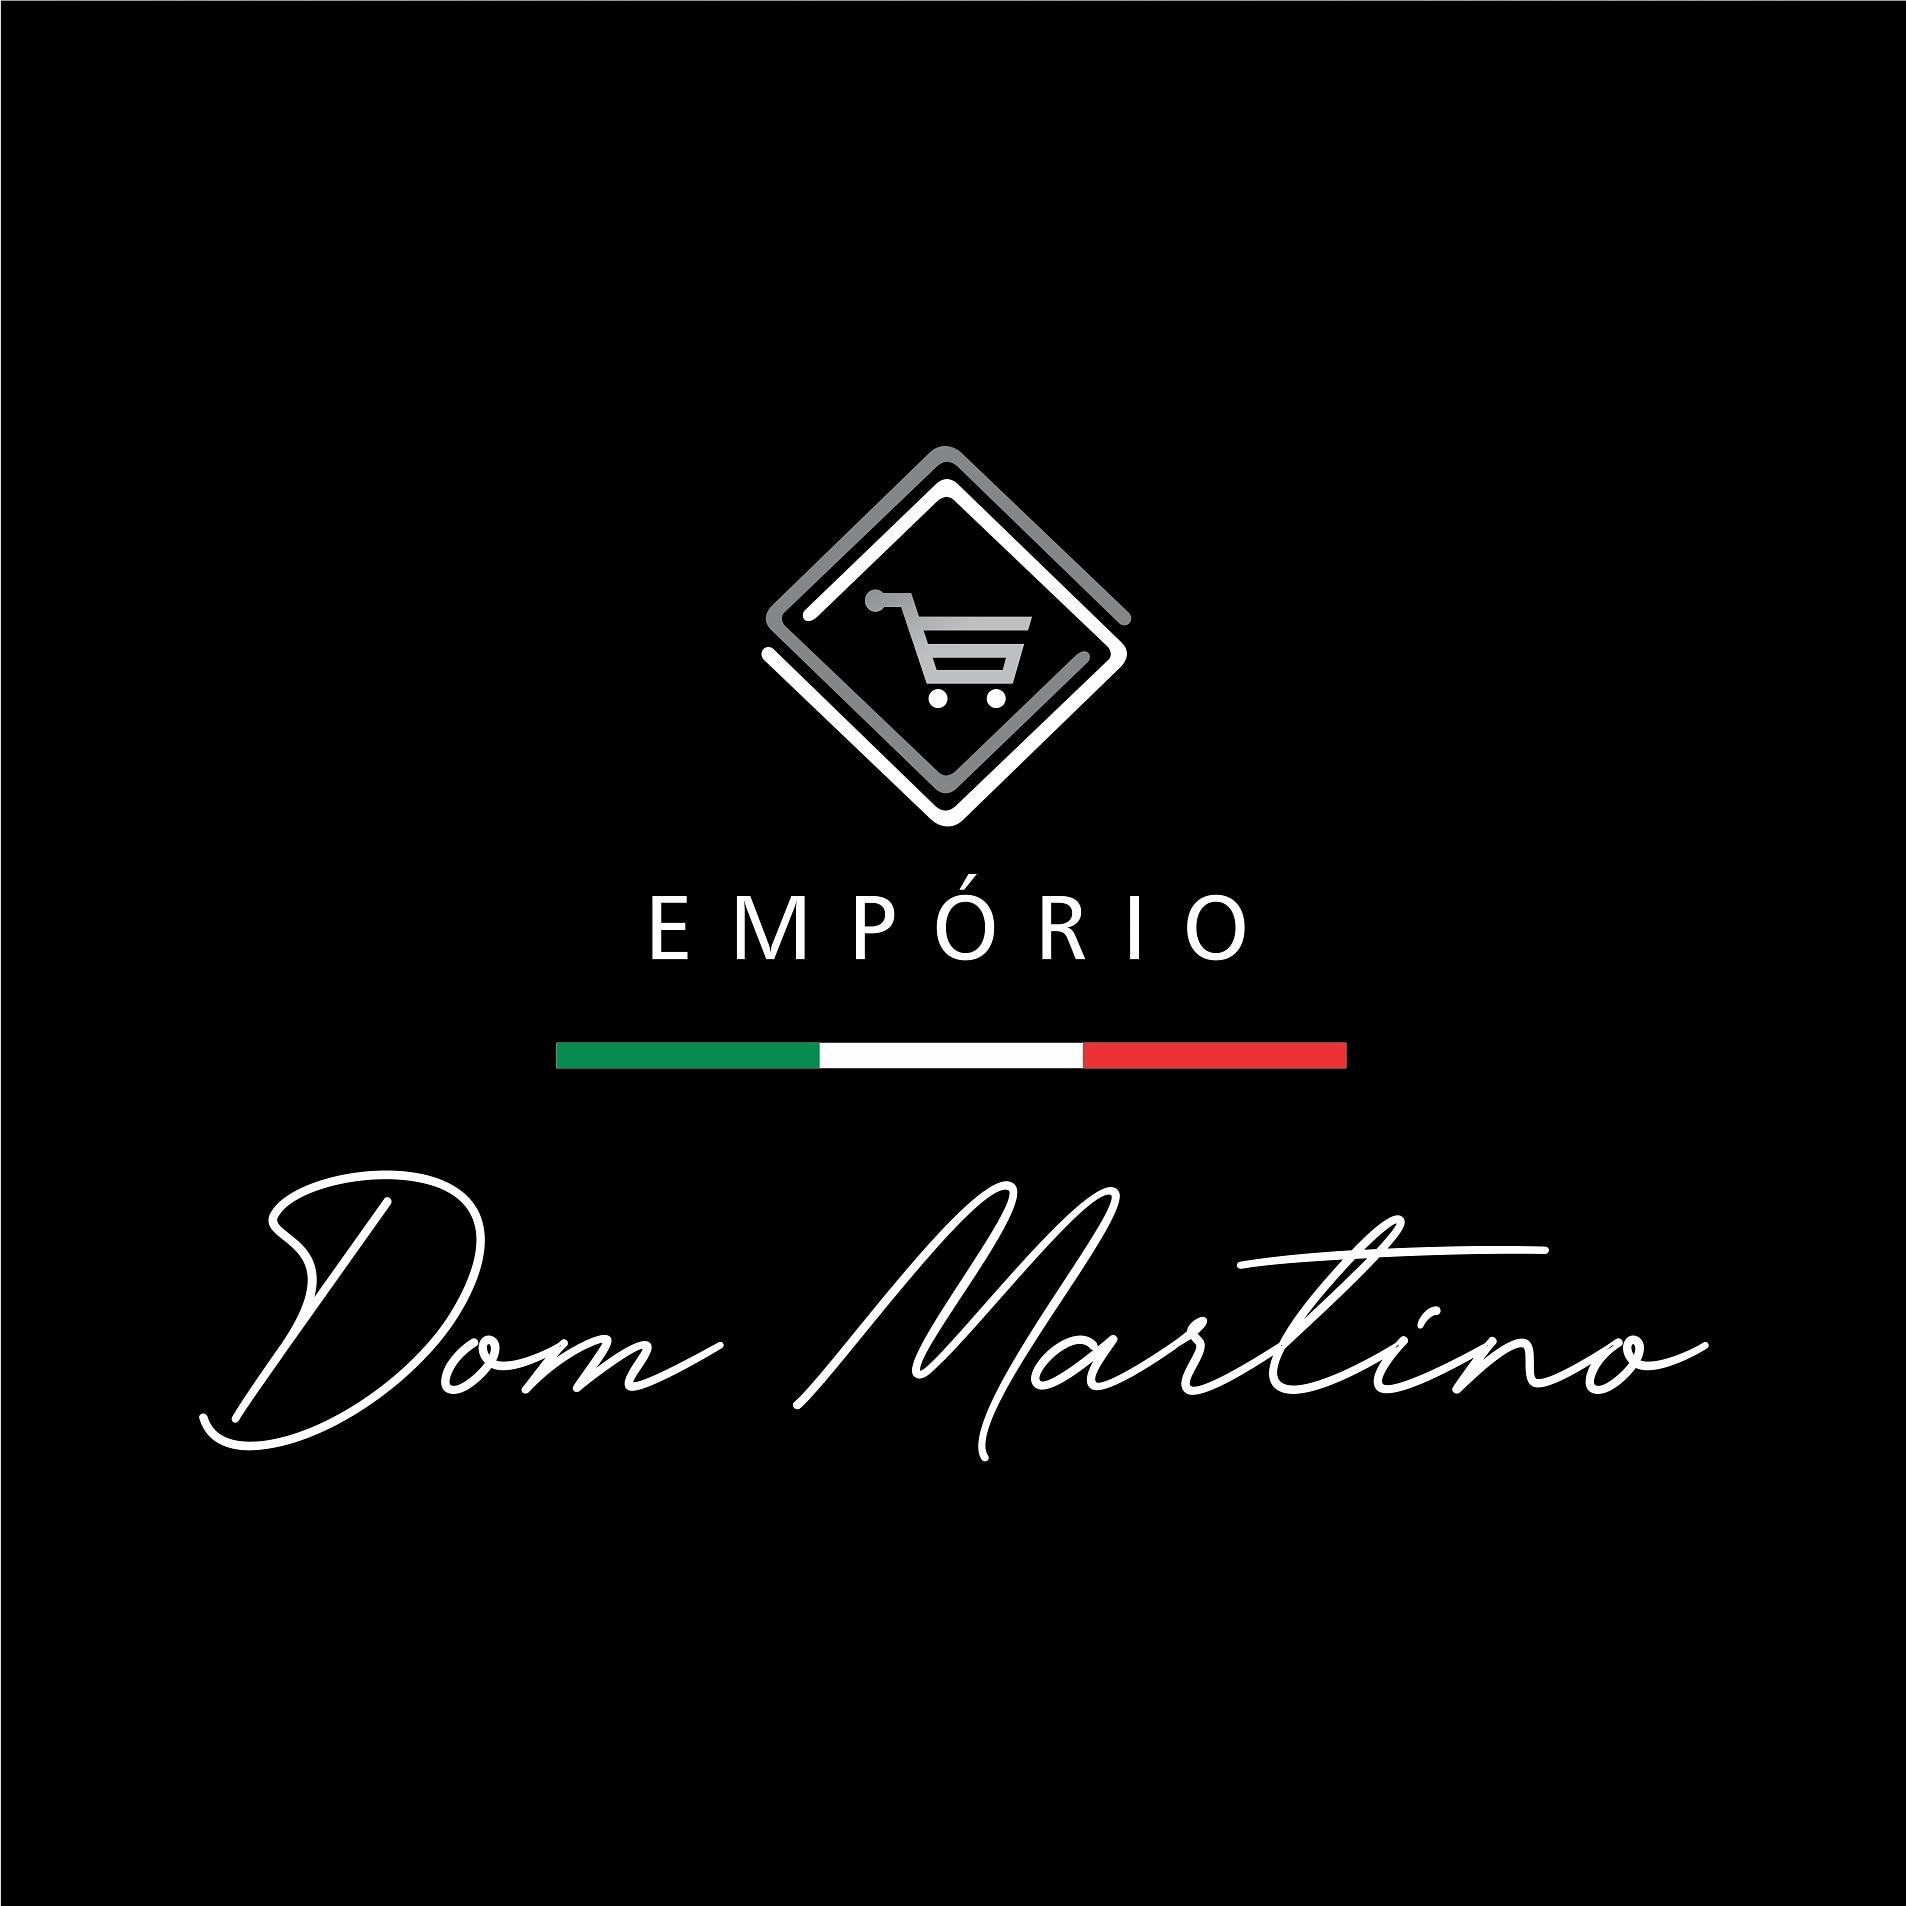 Empório Dom Martino - Ofertas da Semana Supermercados Passos MG / Jornal de Ofertas Supermercados